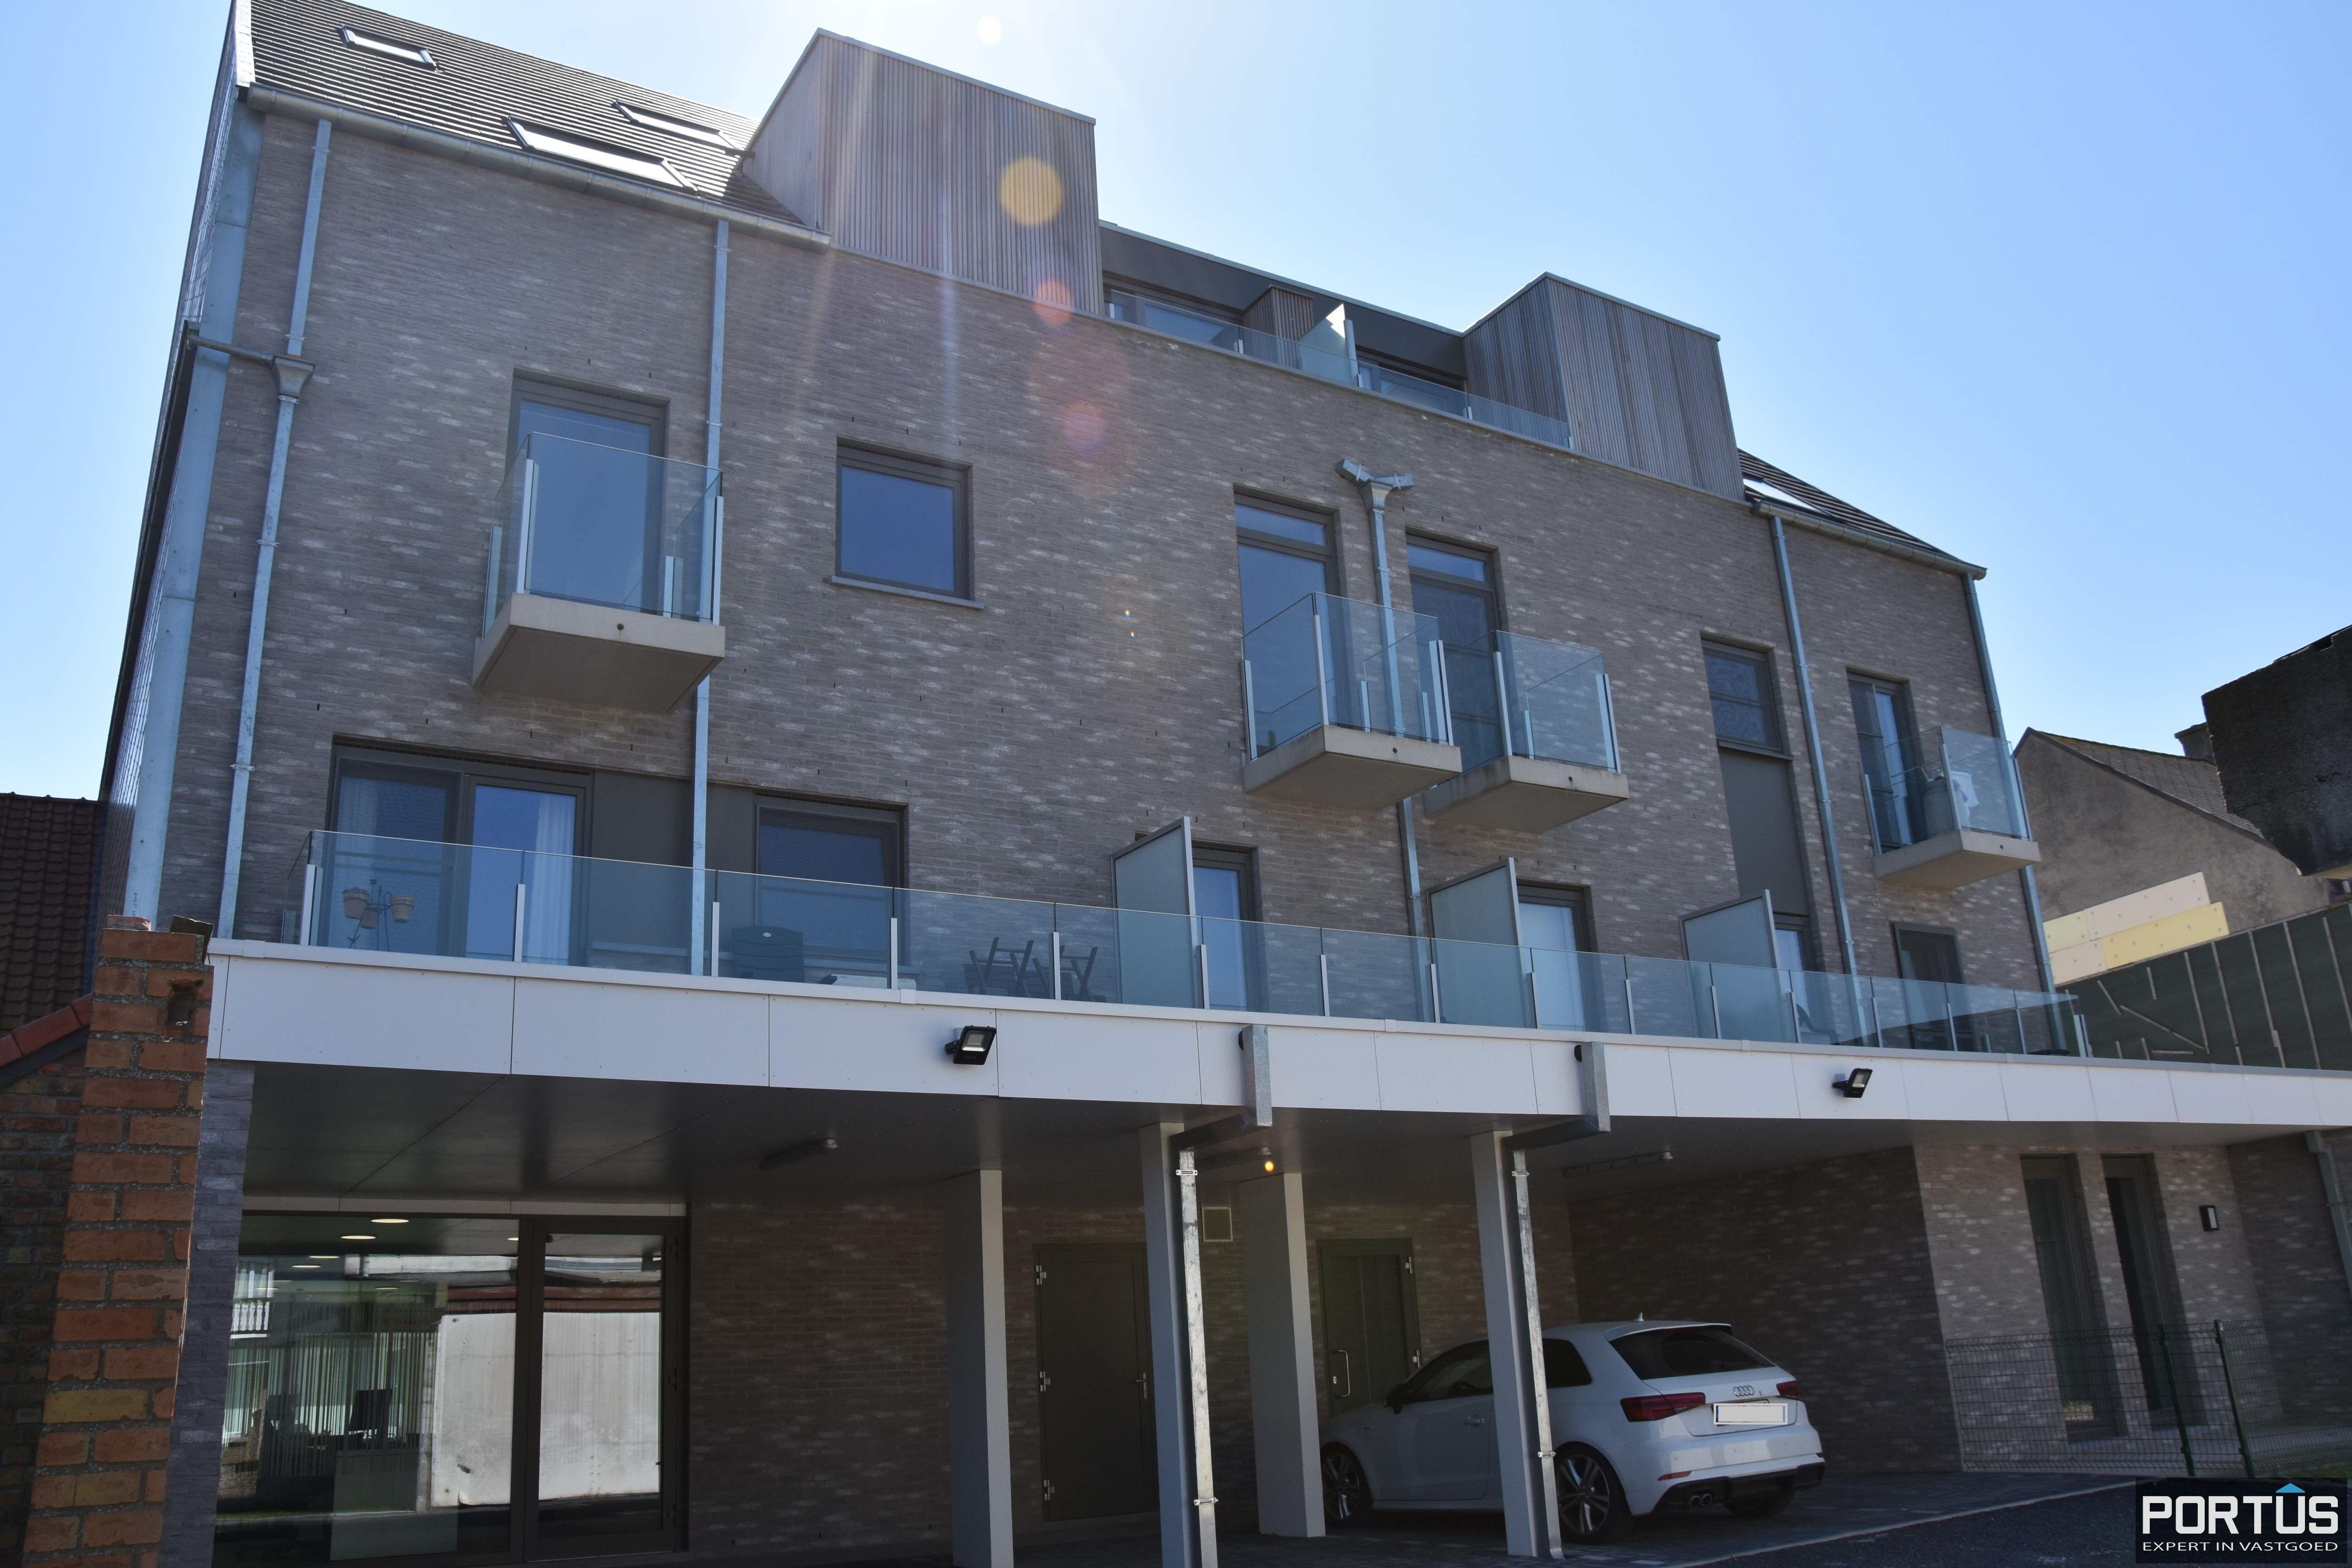 Nieuwbouw duplex-appartement met 2 slaapkamers te huur - 11016